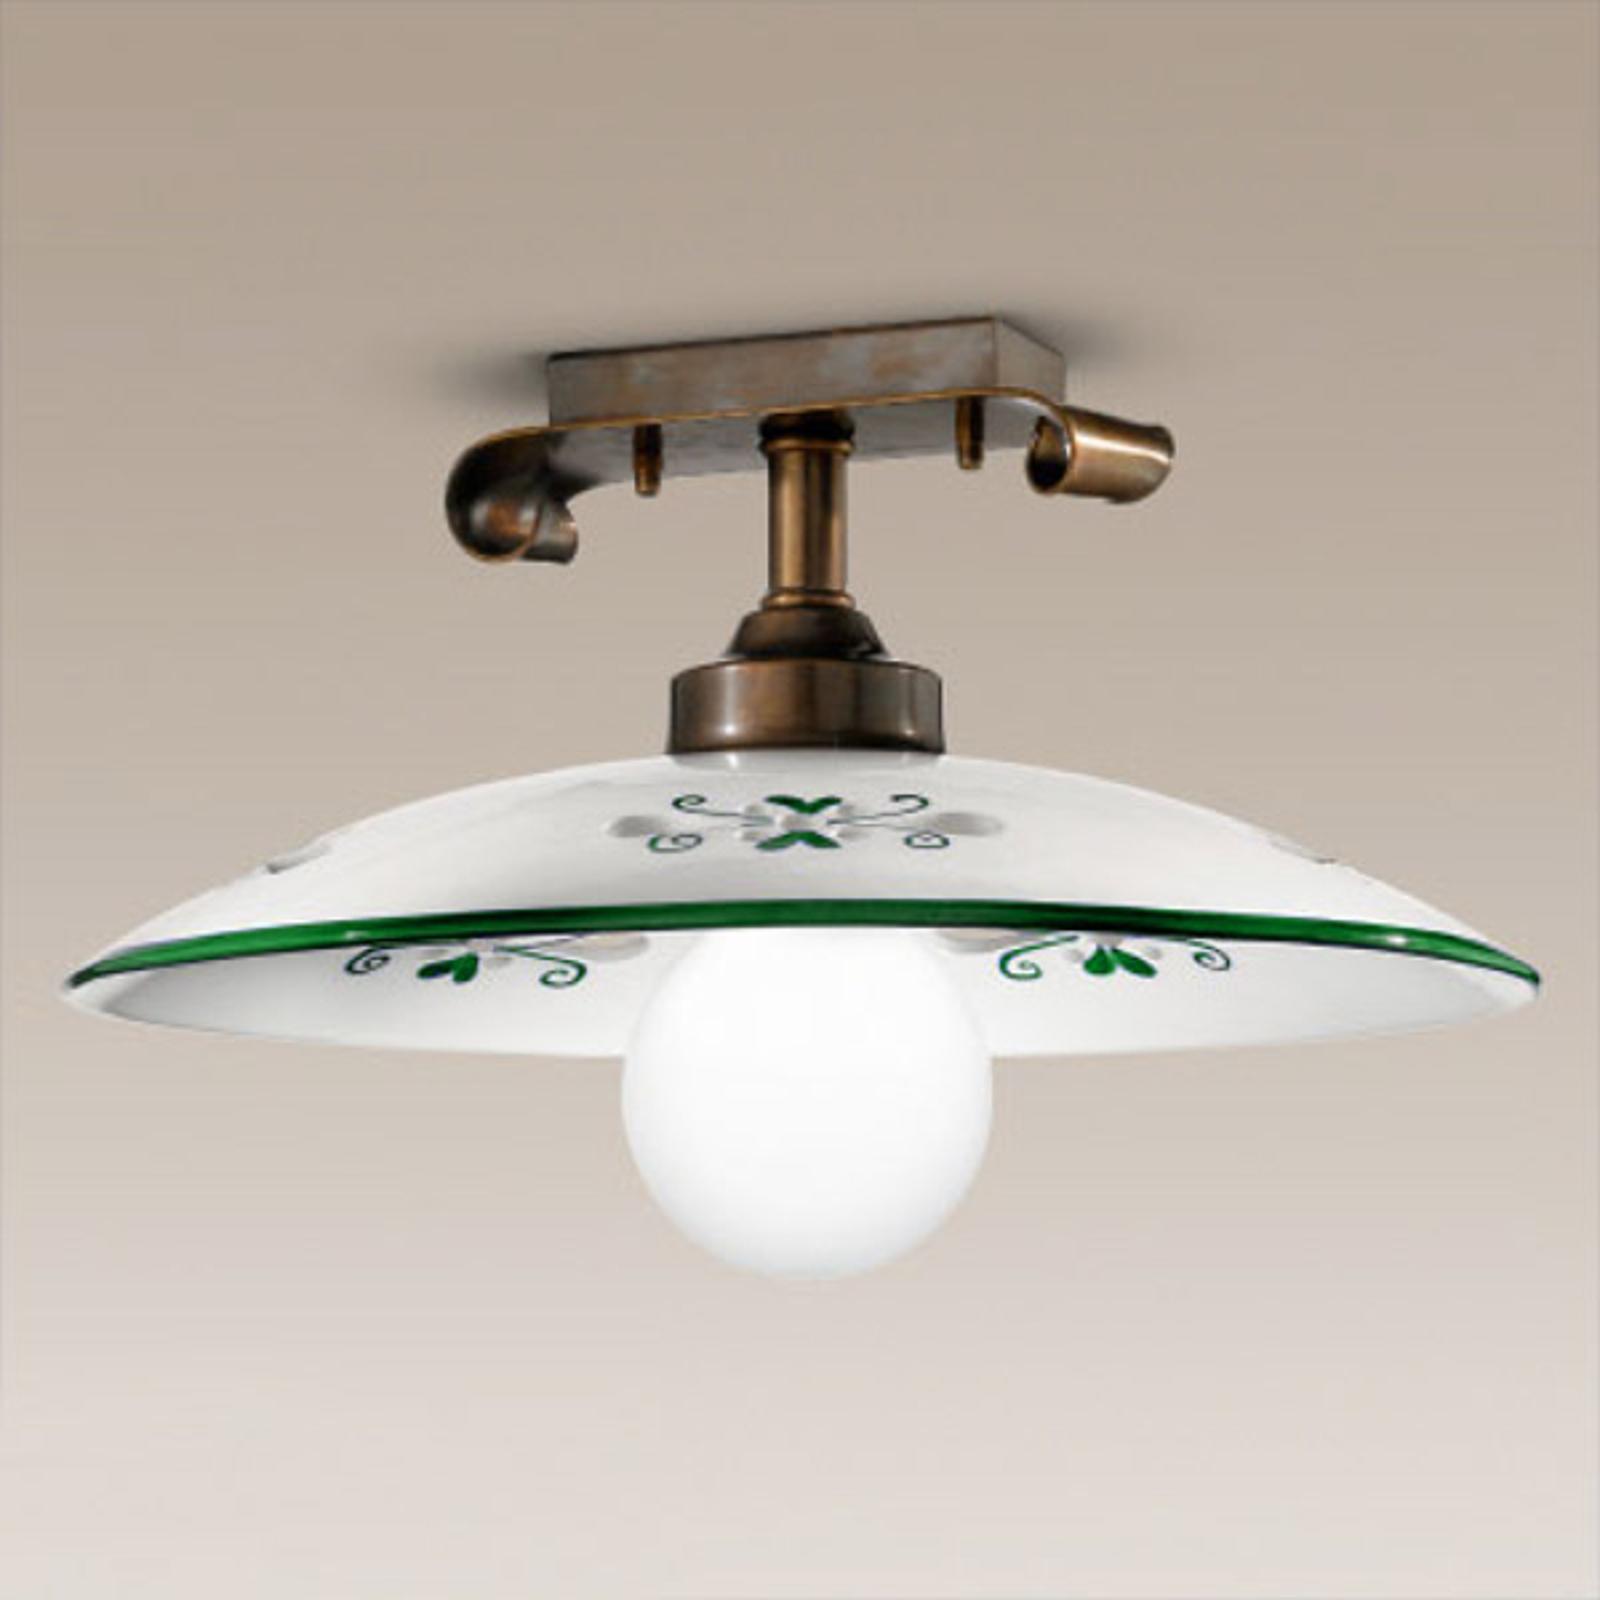 Vakker Bassano taklampe i grønt